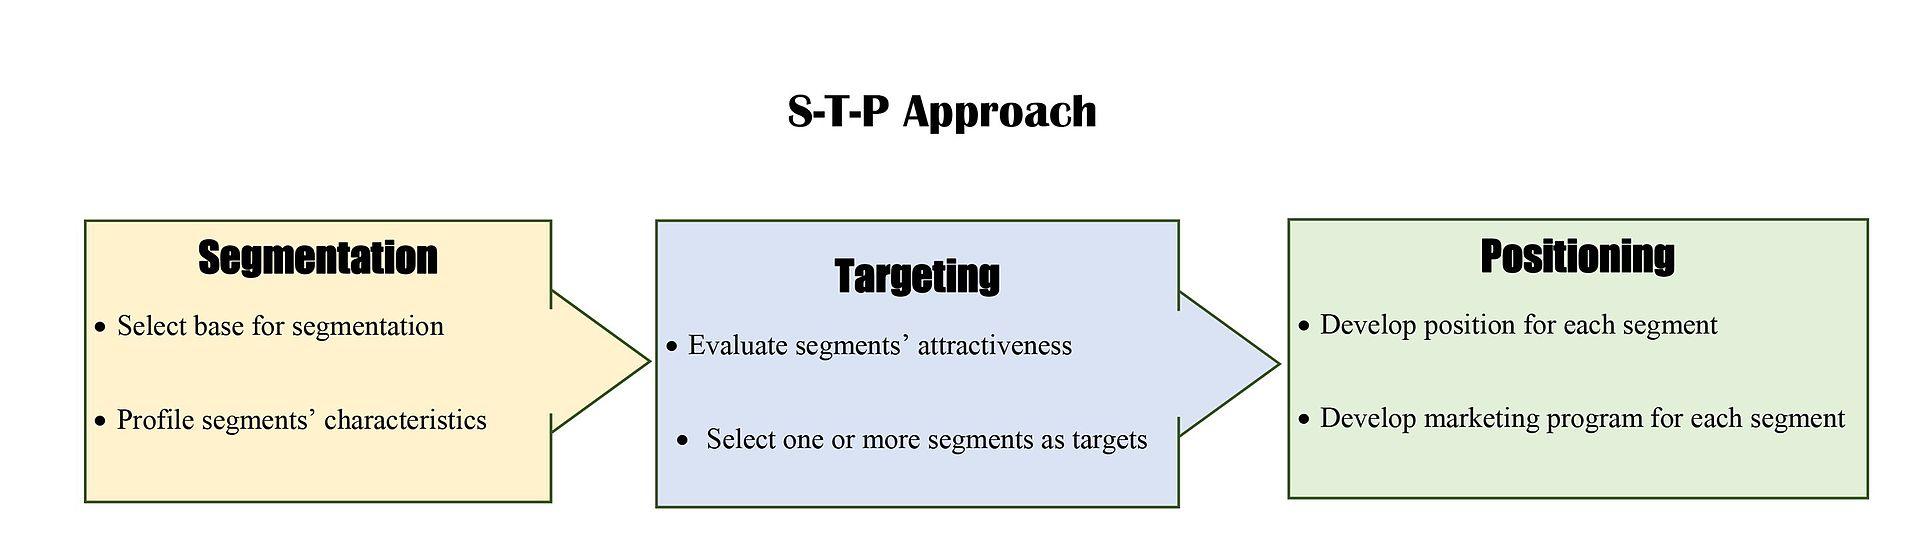 stp approach